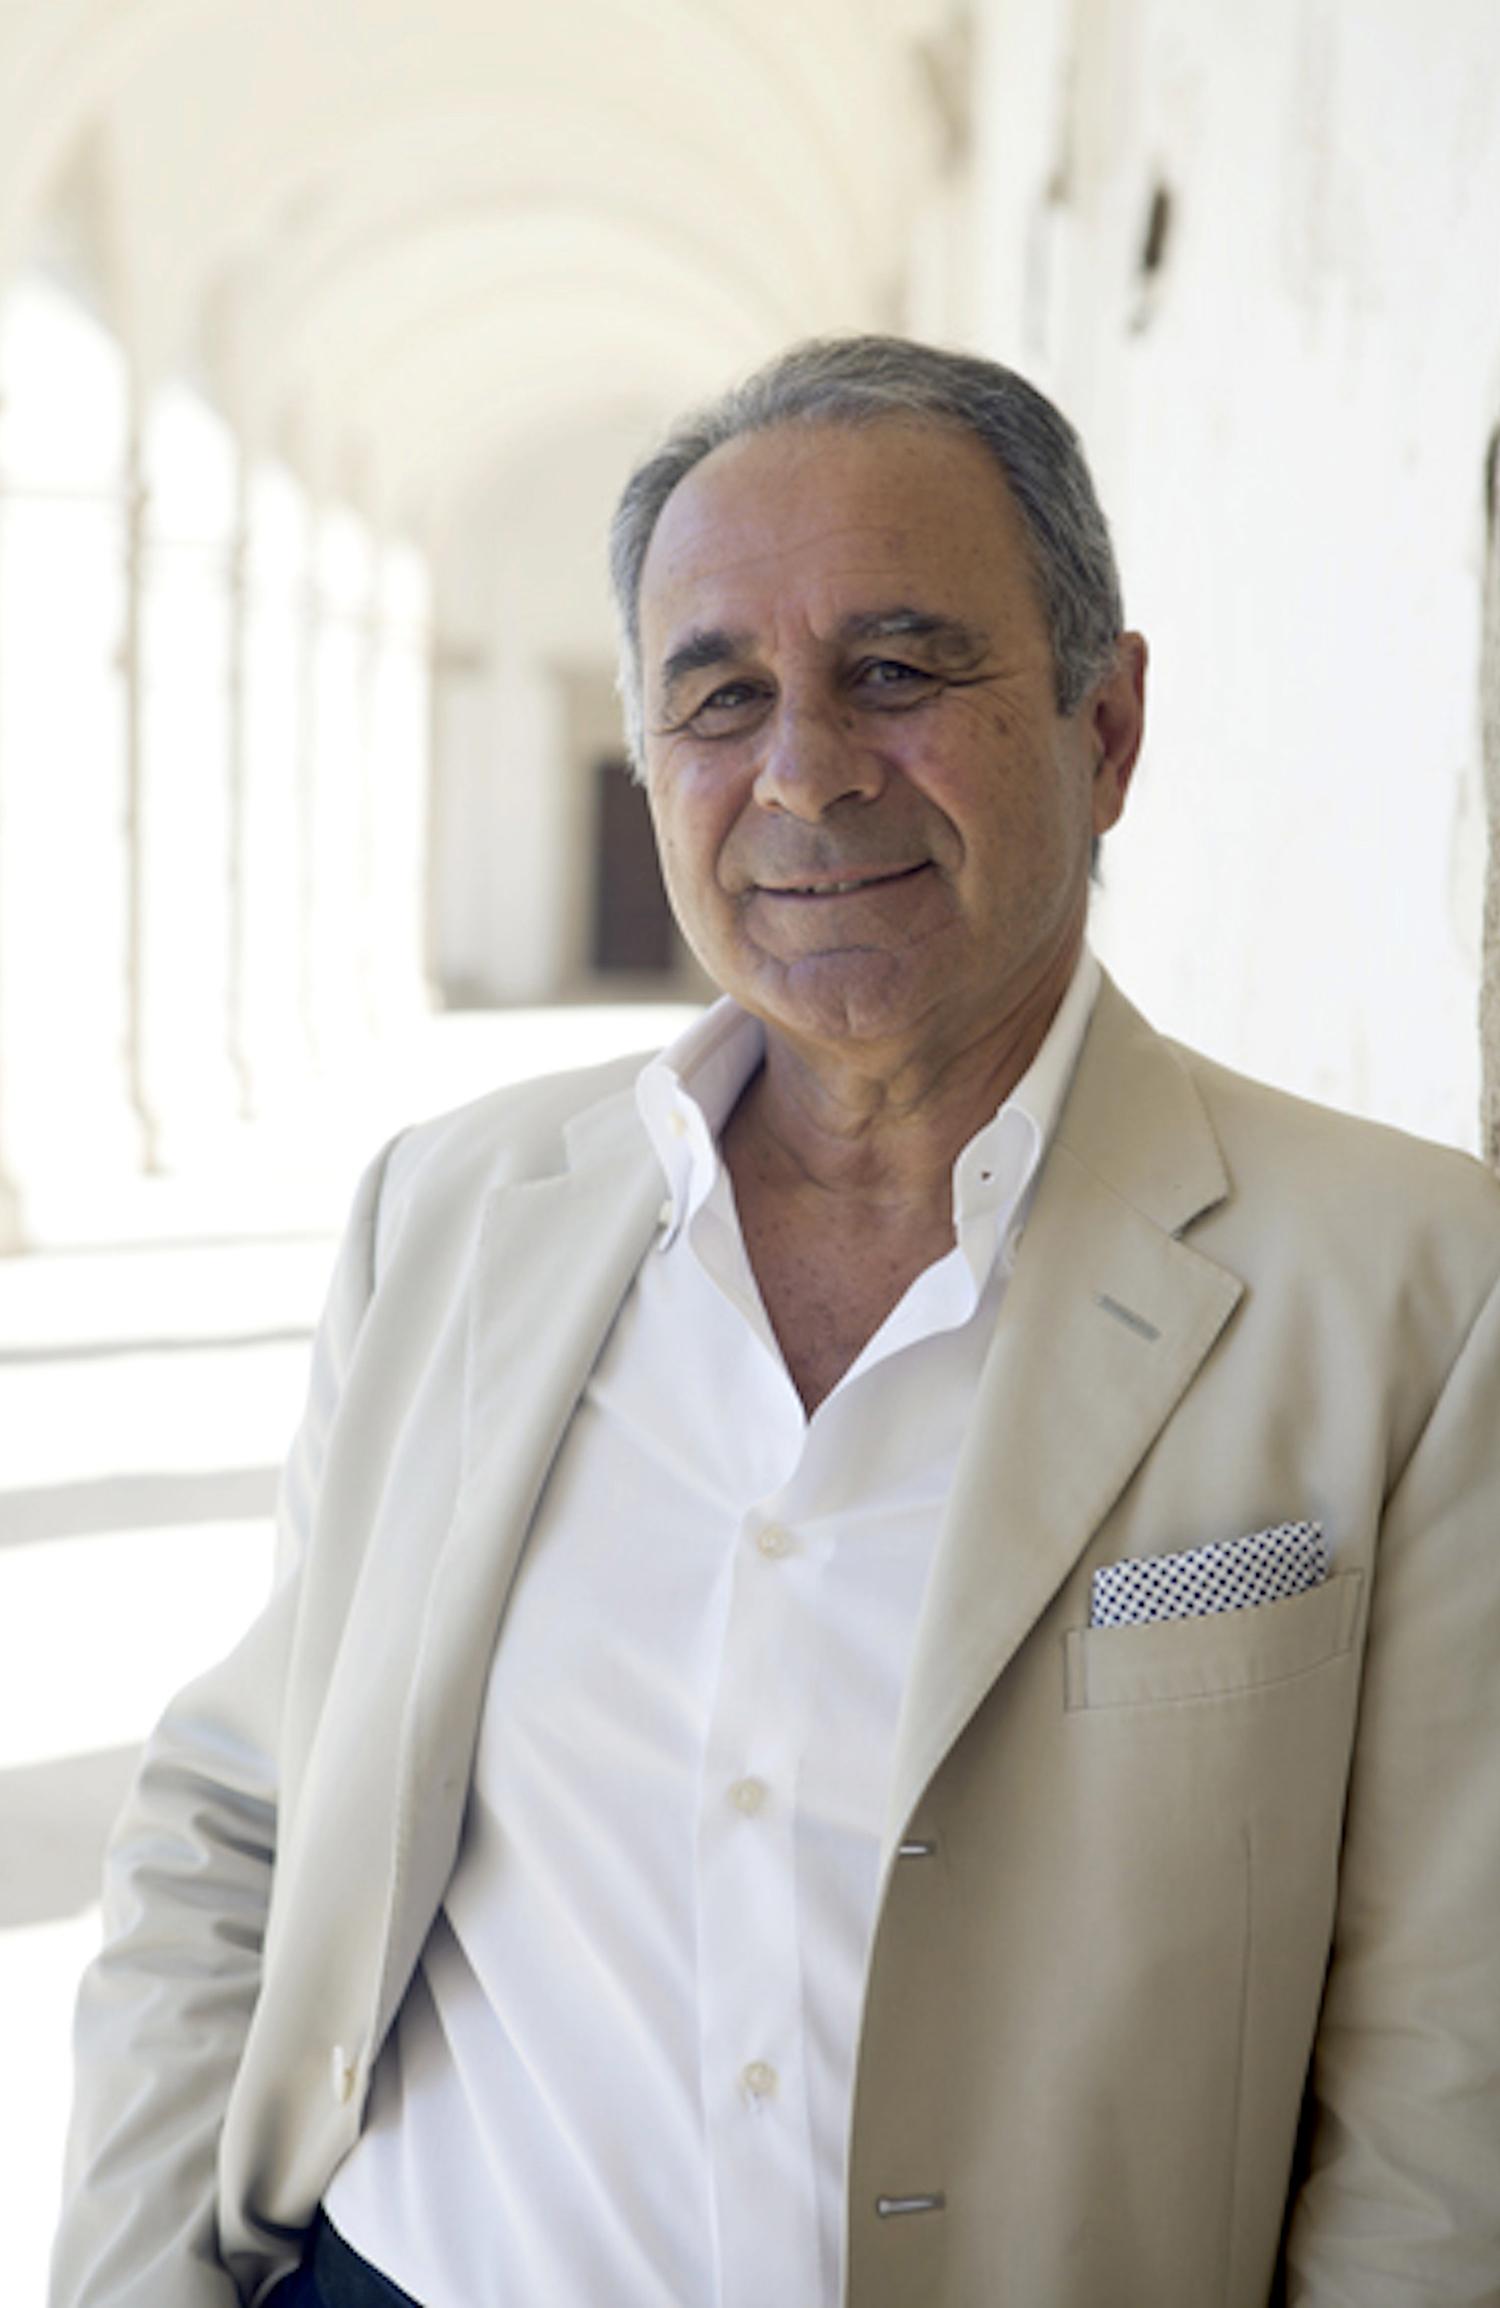 Silvio Ruocco from CARTHUSIA